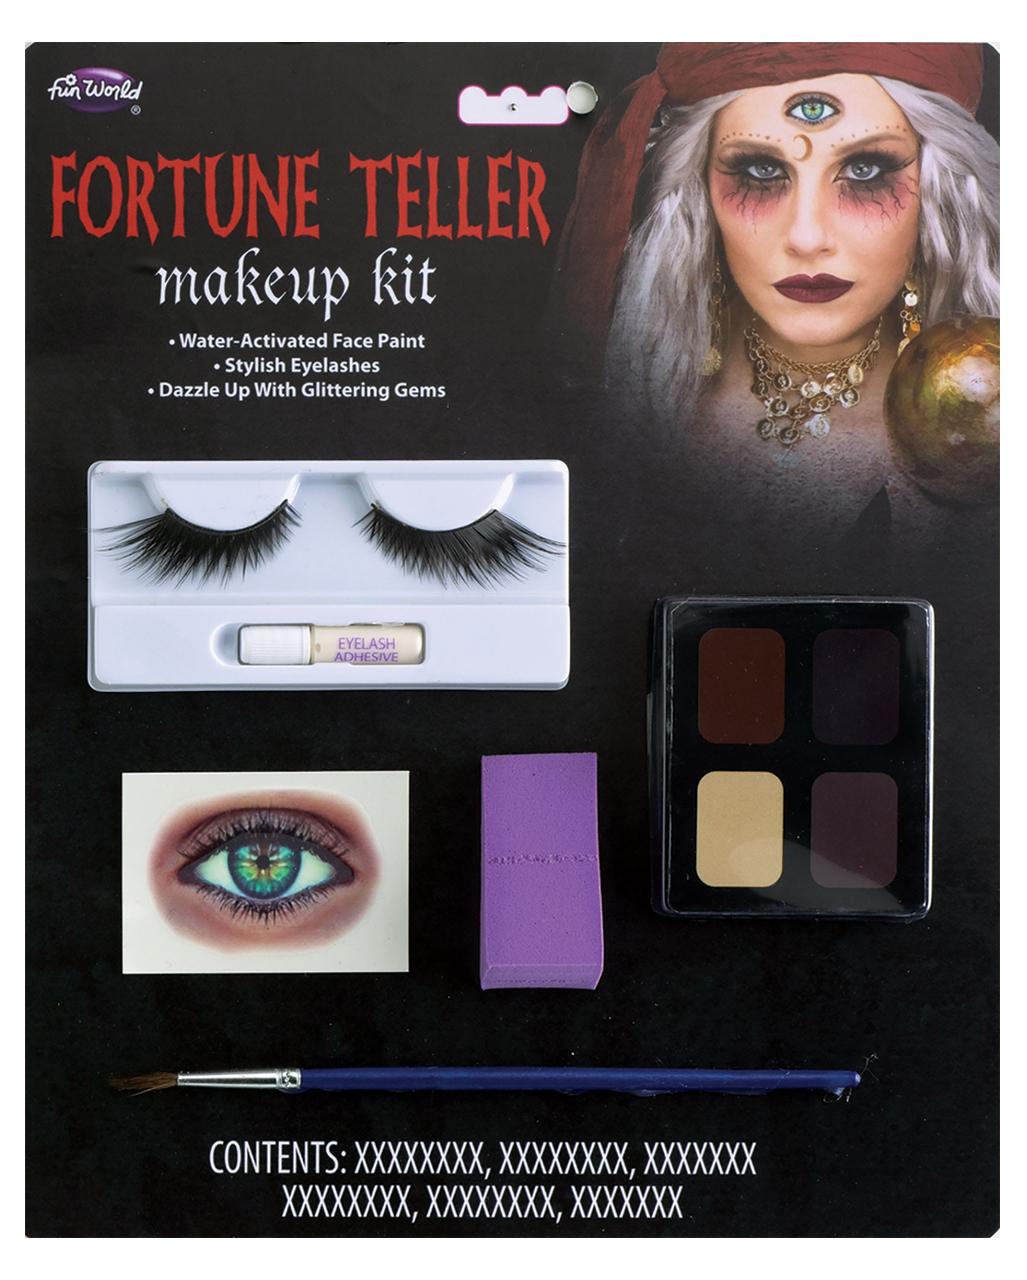 Halloween Fortune Teller Animatronic.Fortune Teller Makeup Kit